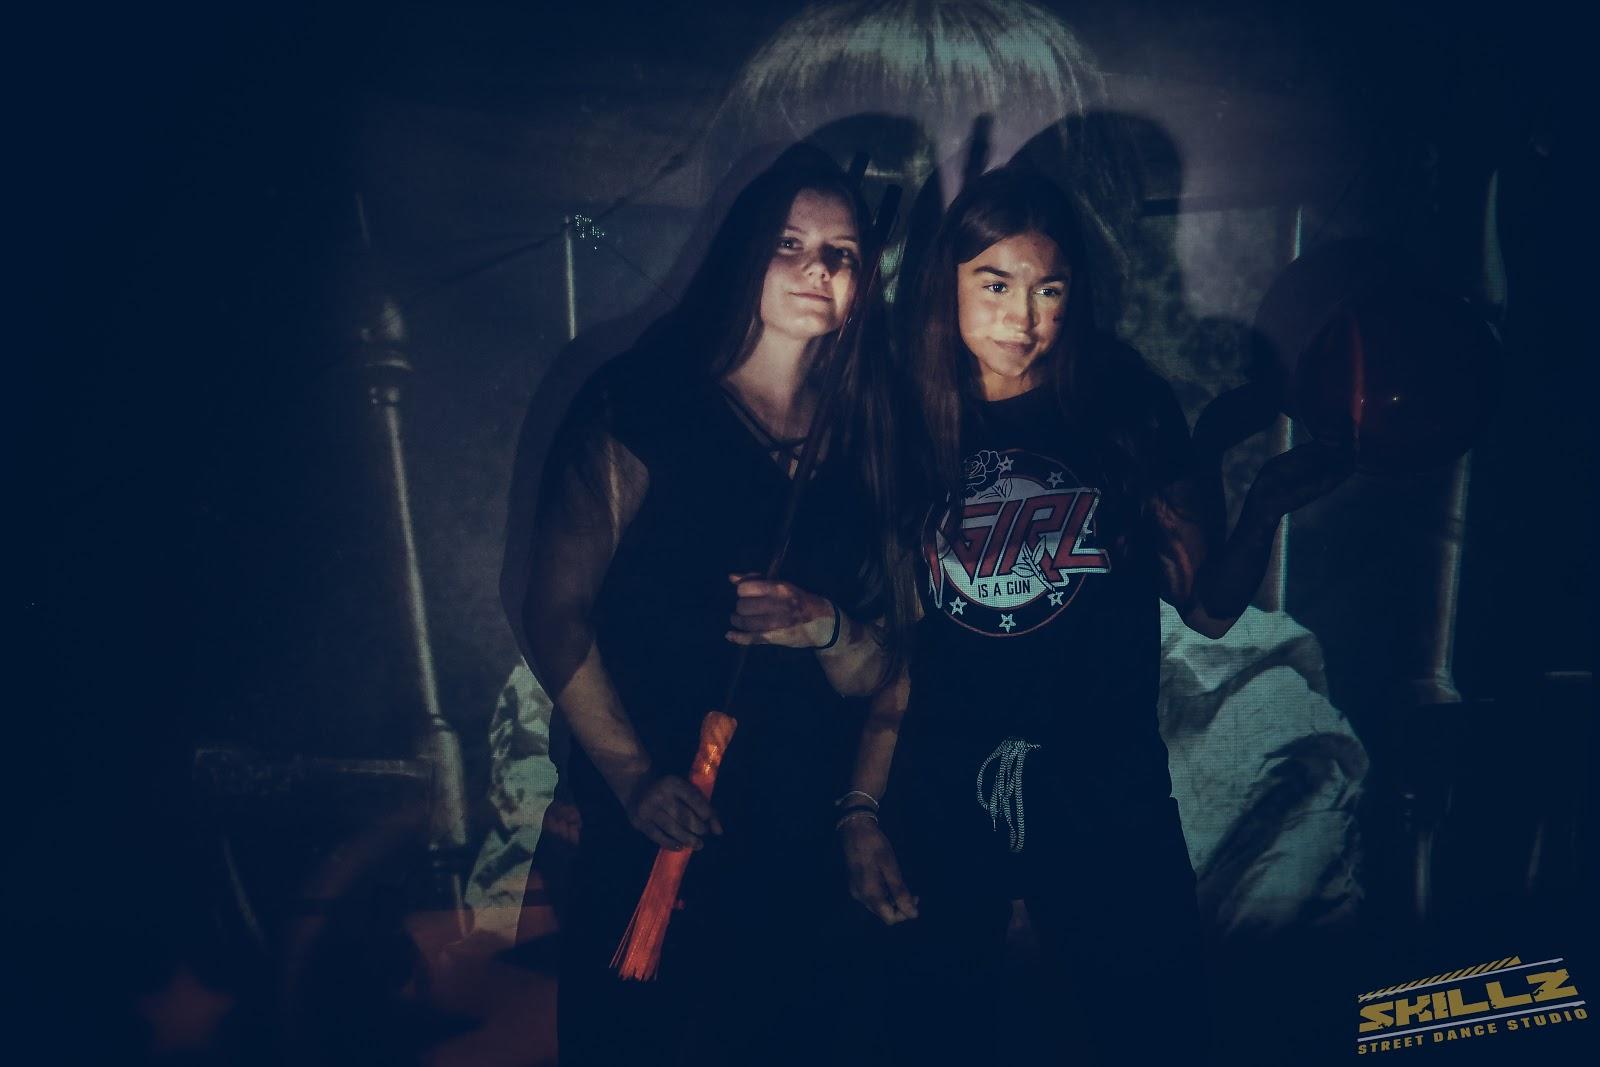 Naujikų krikštynos @SKILLZ (Halloween tema) - PANA1594.jpg